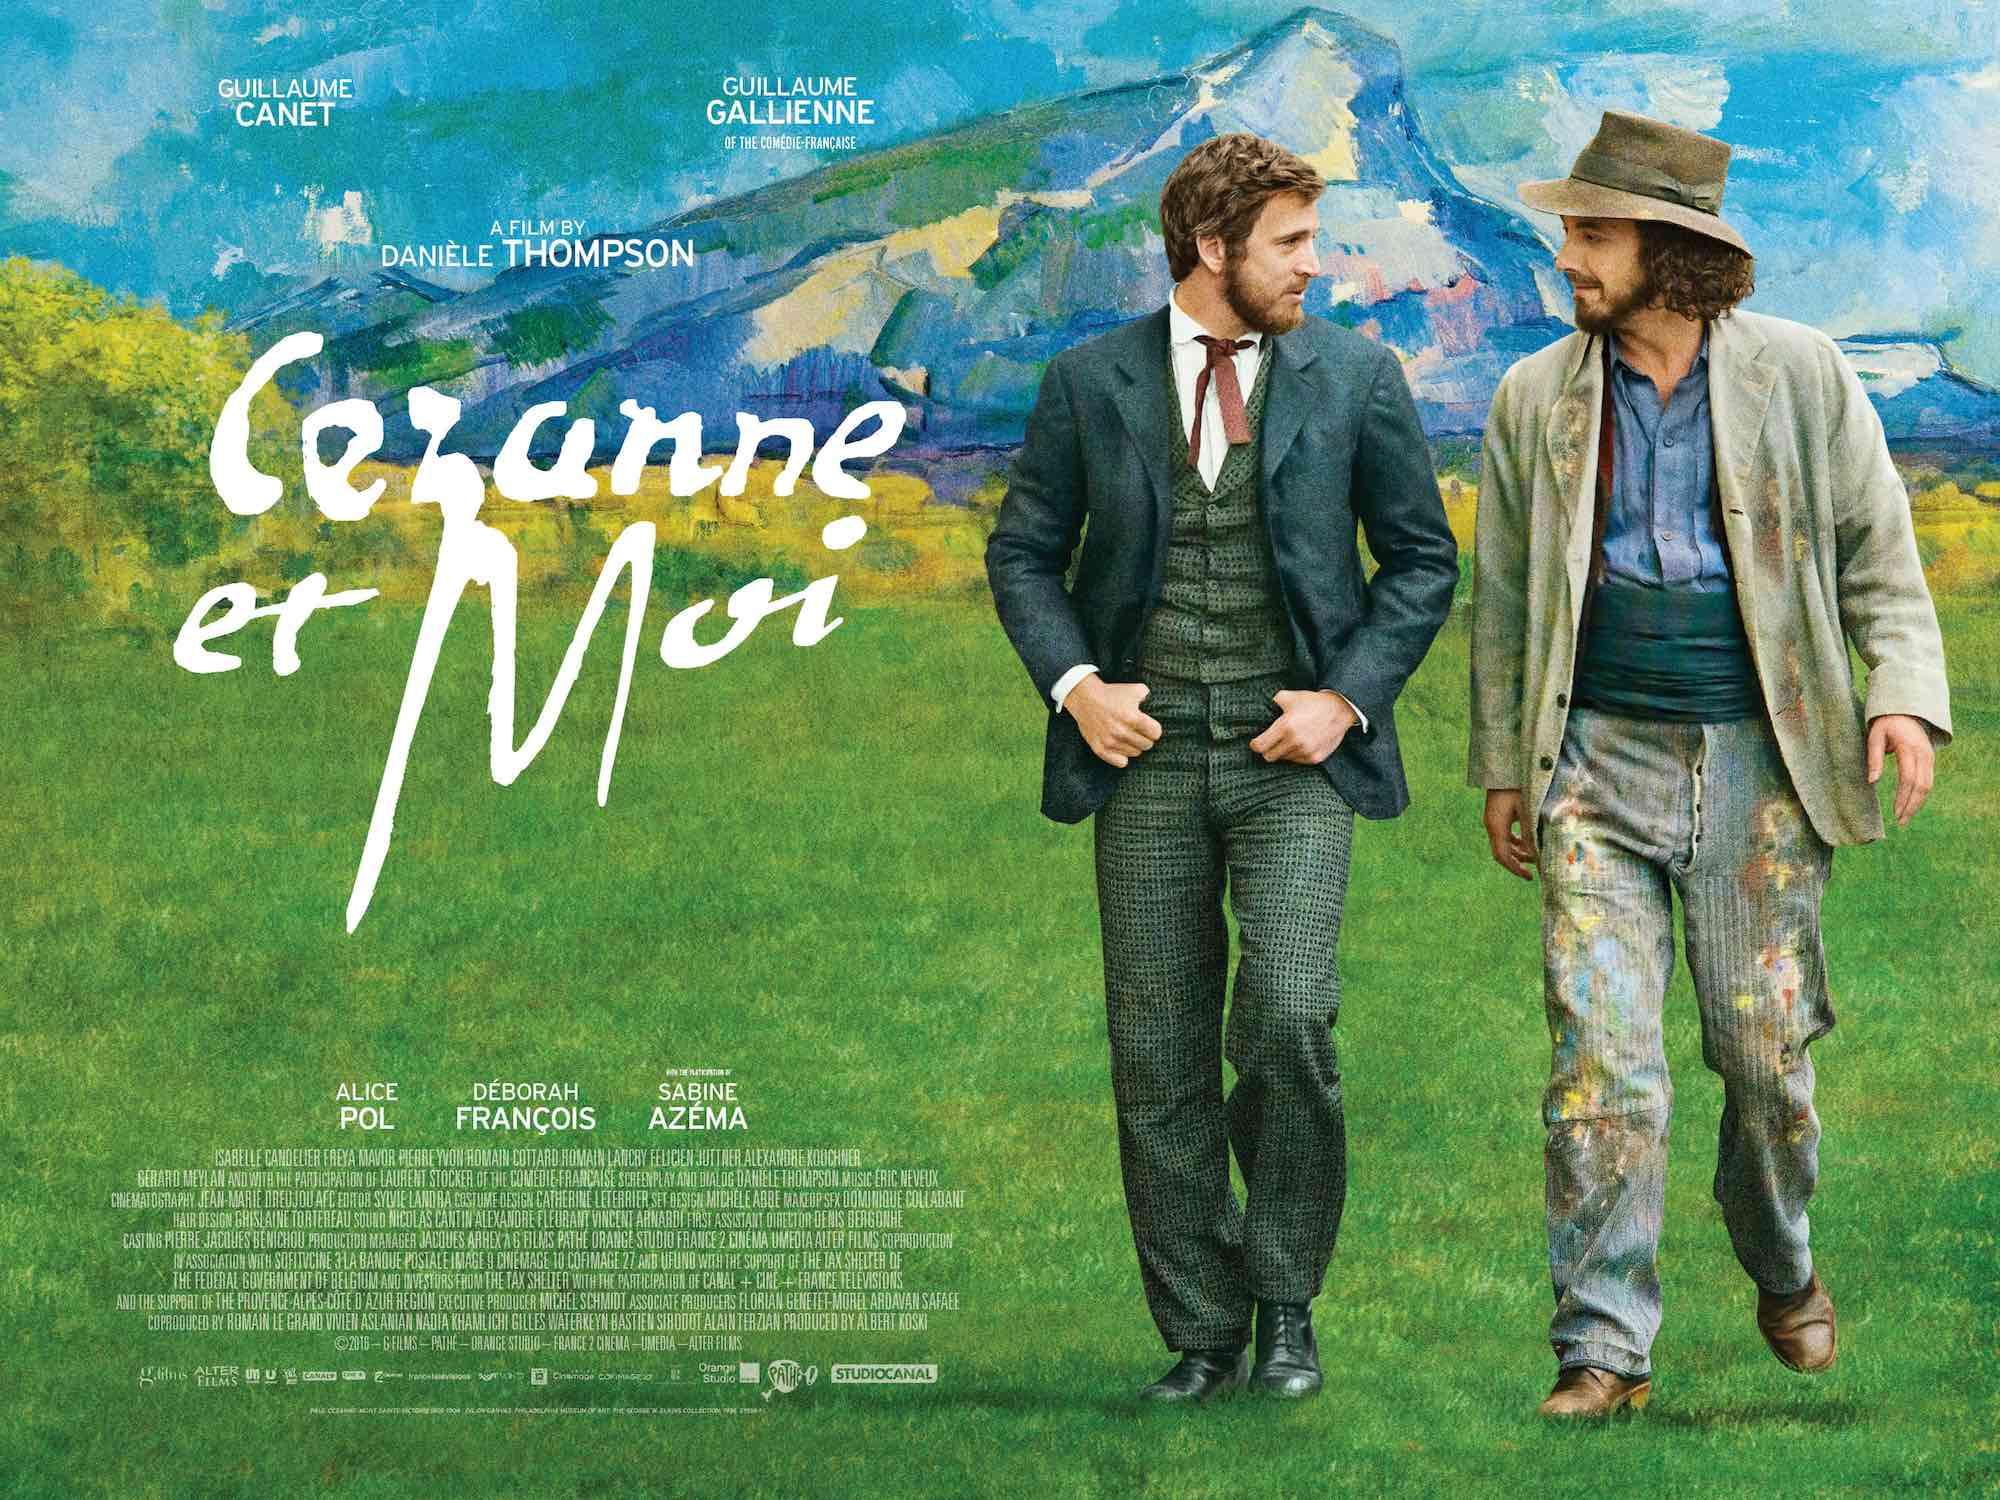 Progetto cinema - Cezanne et moi